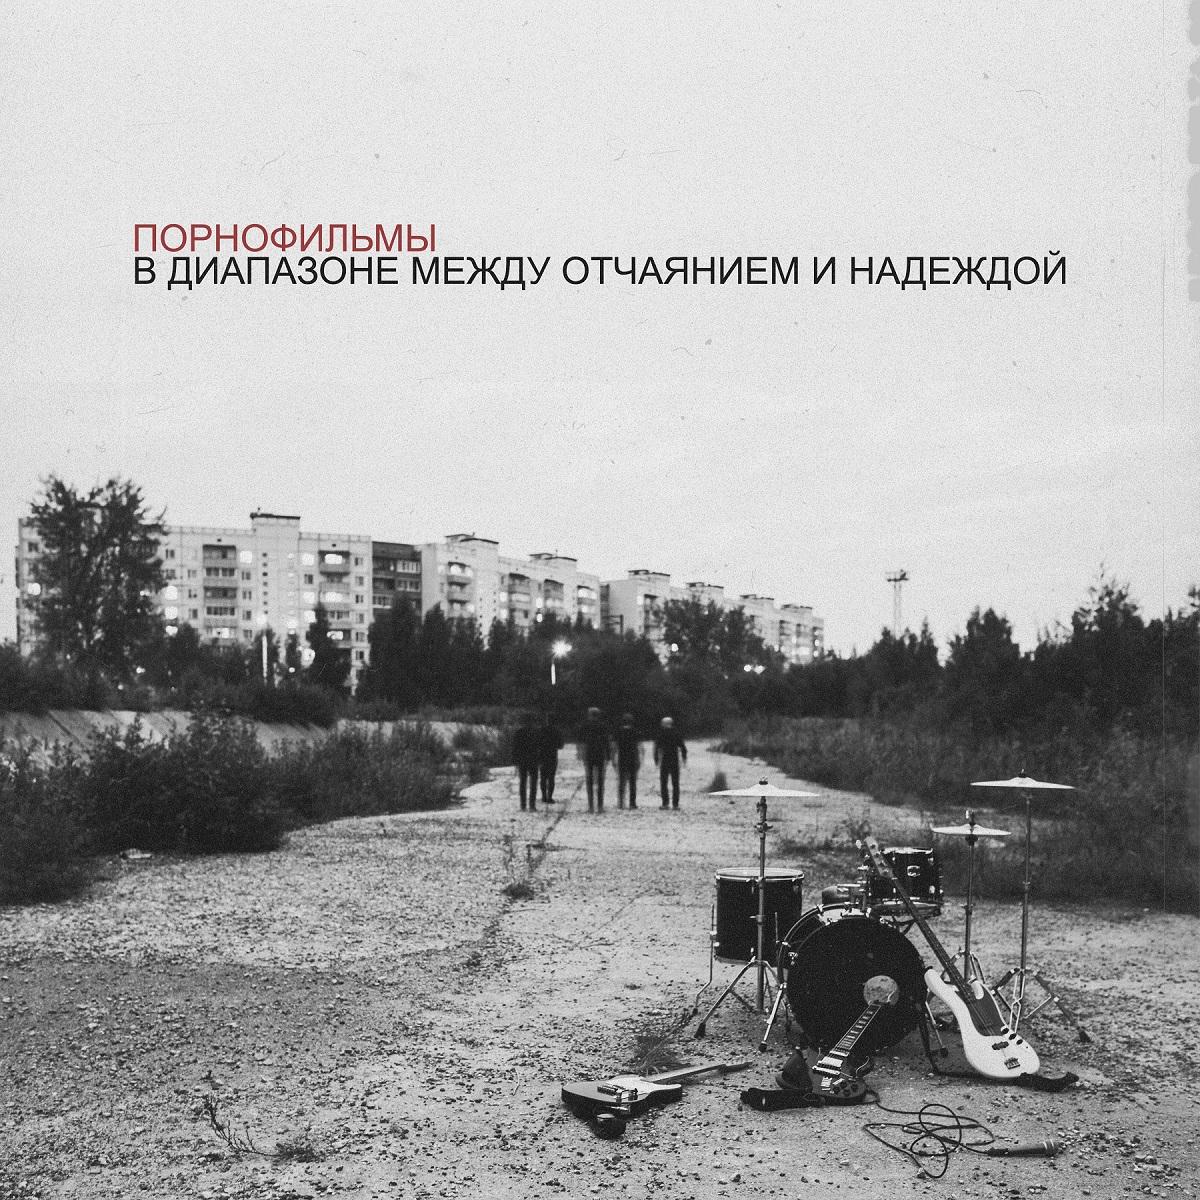 сингл  ПОРНОФИЛЬМОВ «Я так соскучился» снова штурмует чарт Вконтакте!